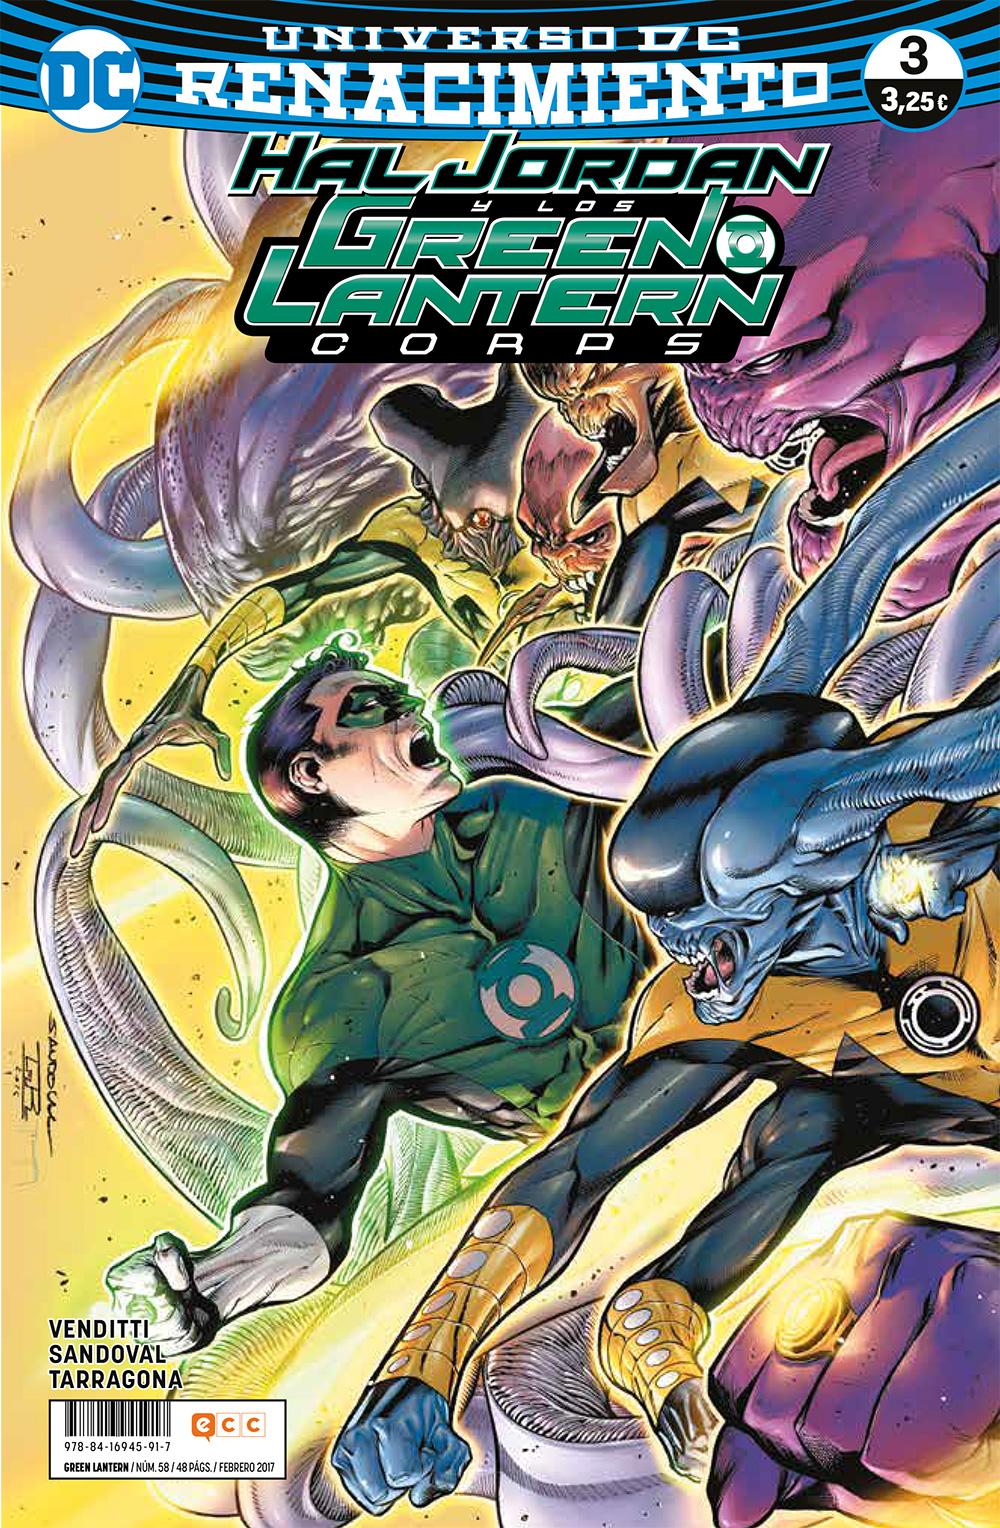 Green Lantern núm. 58/3